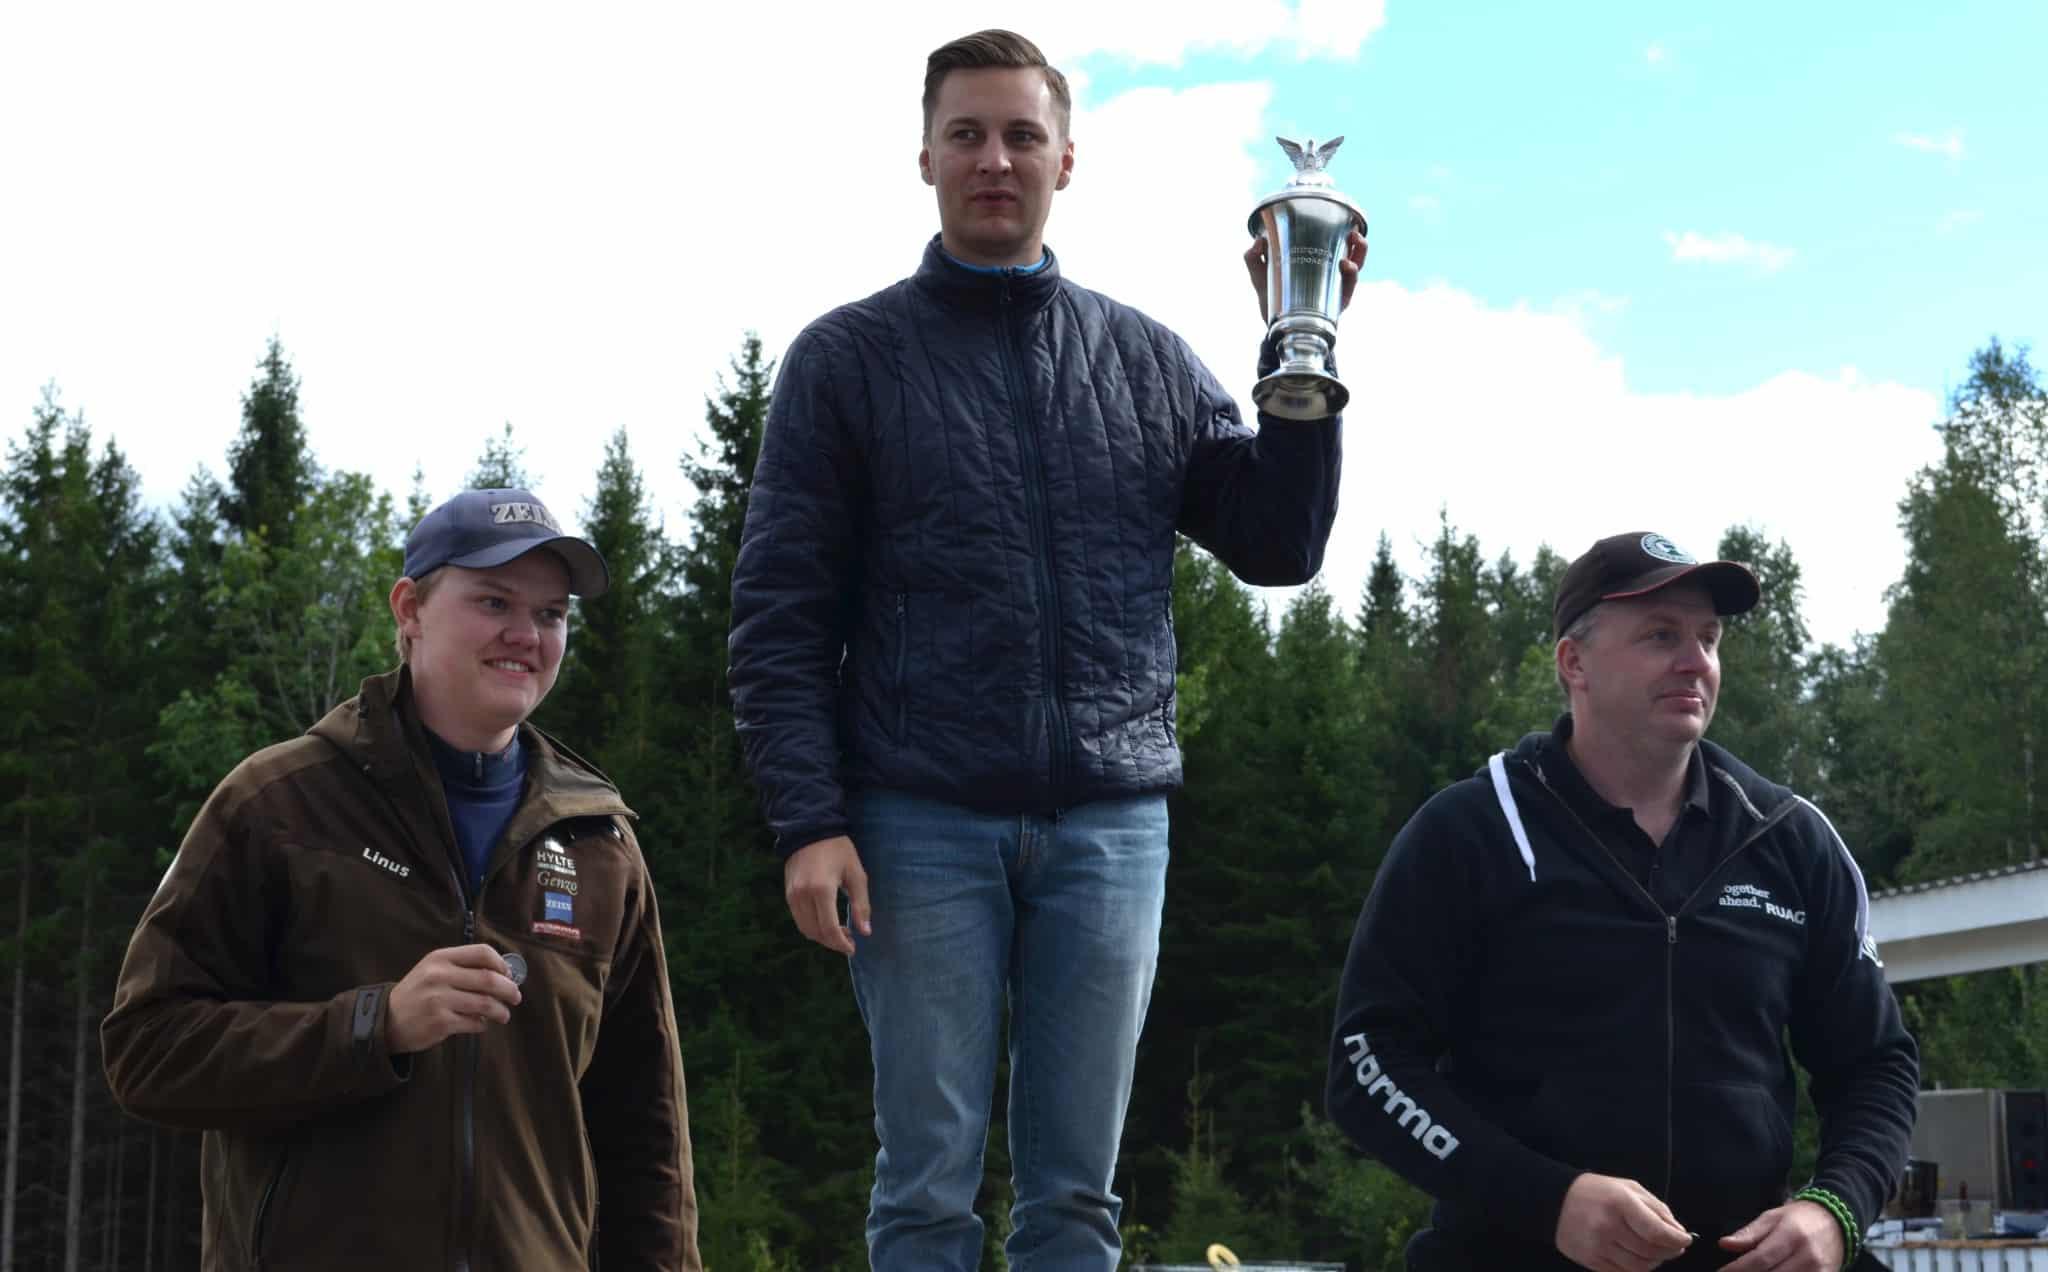 De tre medaljörerna sammanlagt vid årets Jägar-SM. Från vänster: Tvåan Linus Mellgren, segraren Emil Håkansson och trean Christian Andreasson. Foto: Lars Björk